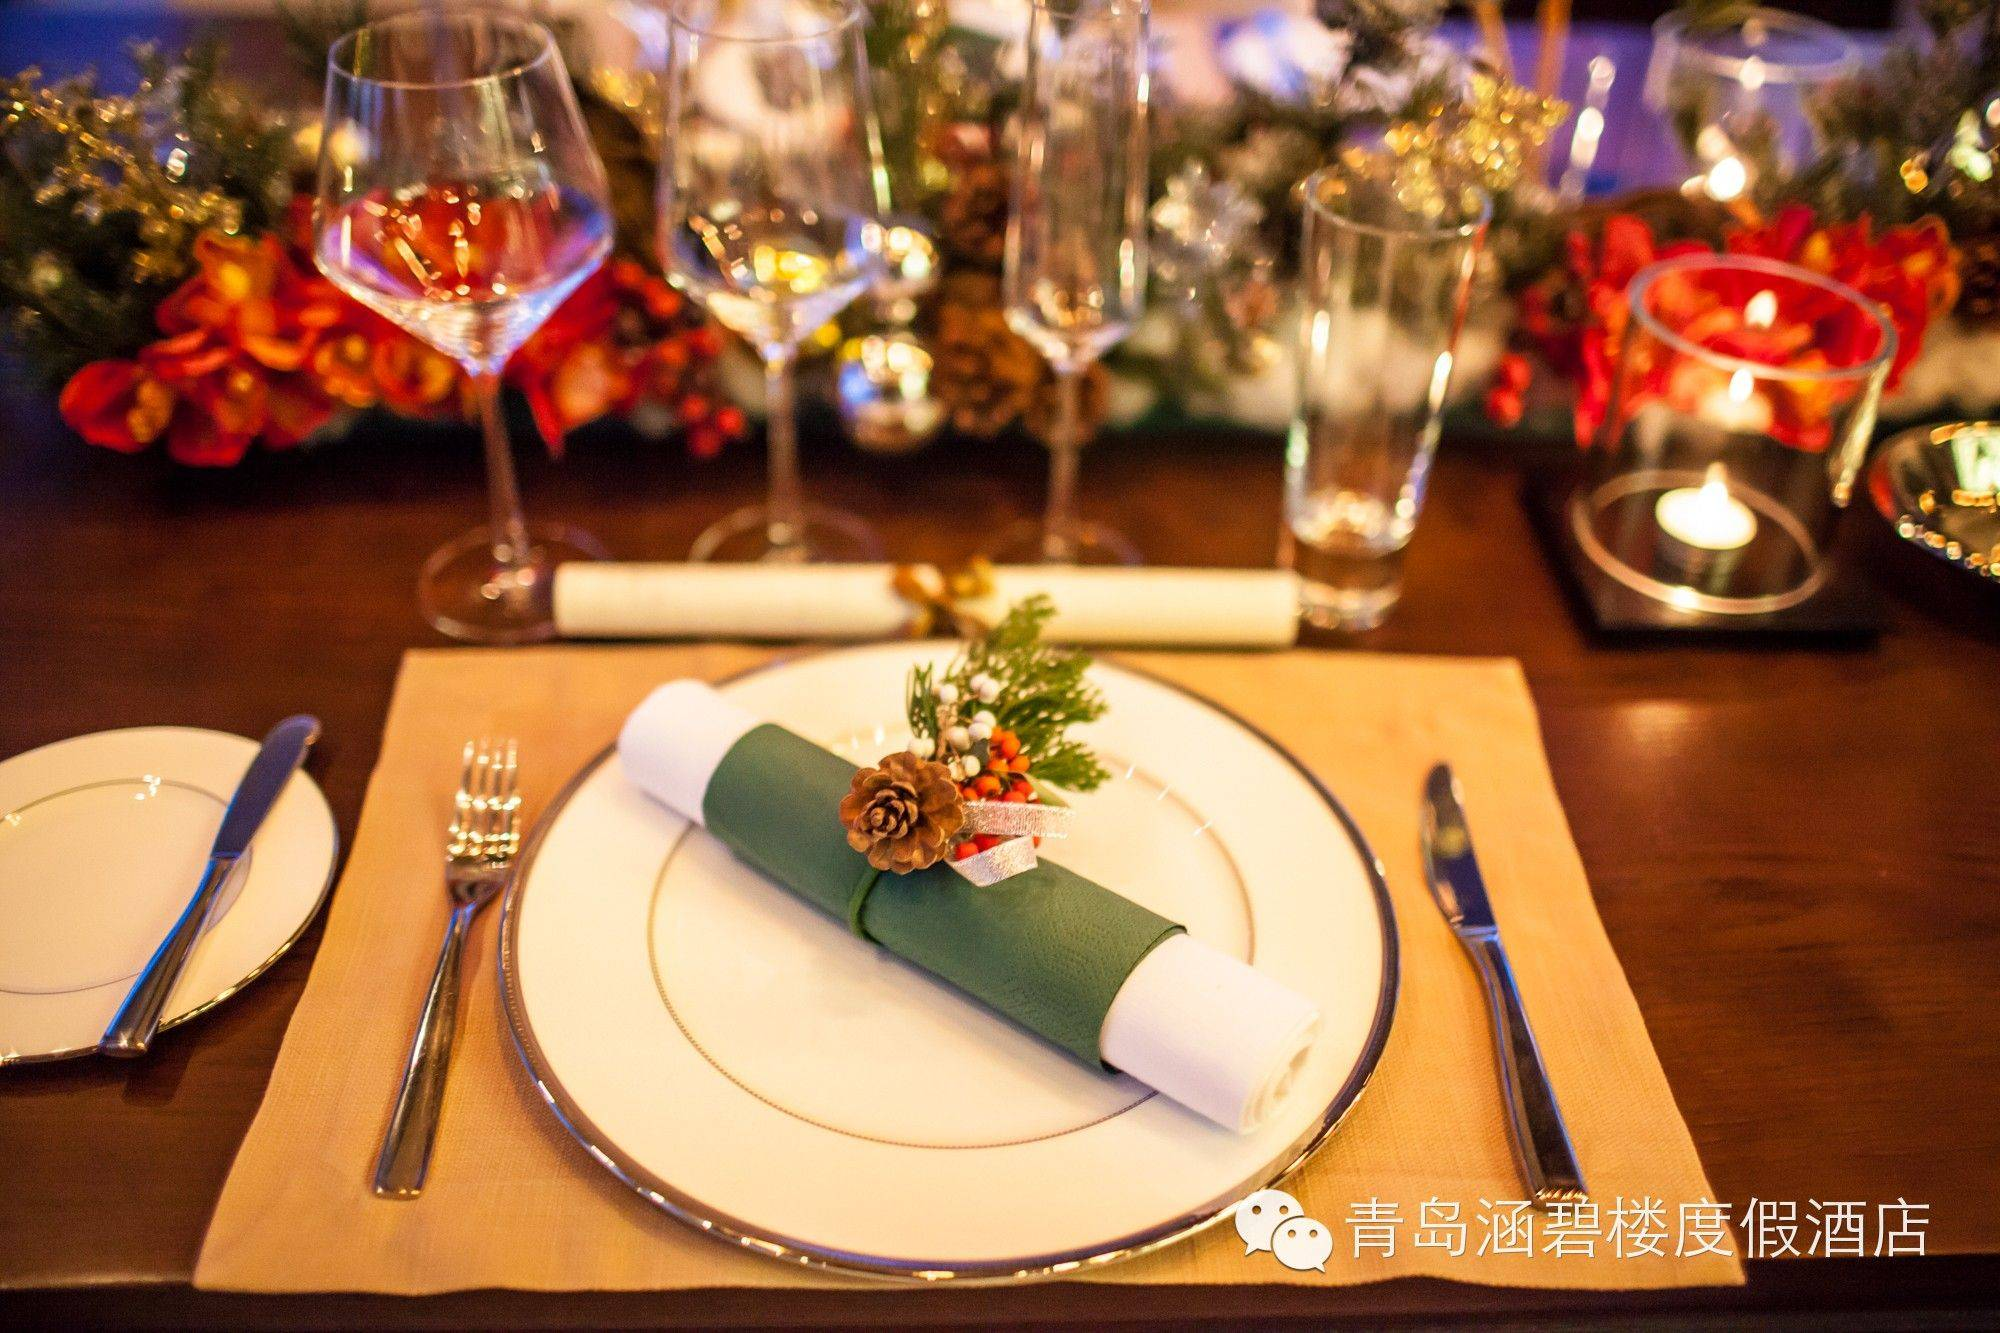 青岛涵碧楼酒店遇见法餐厅跨年活动